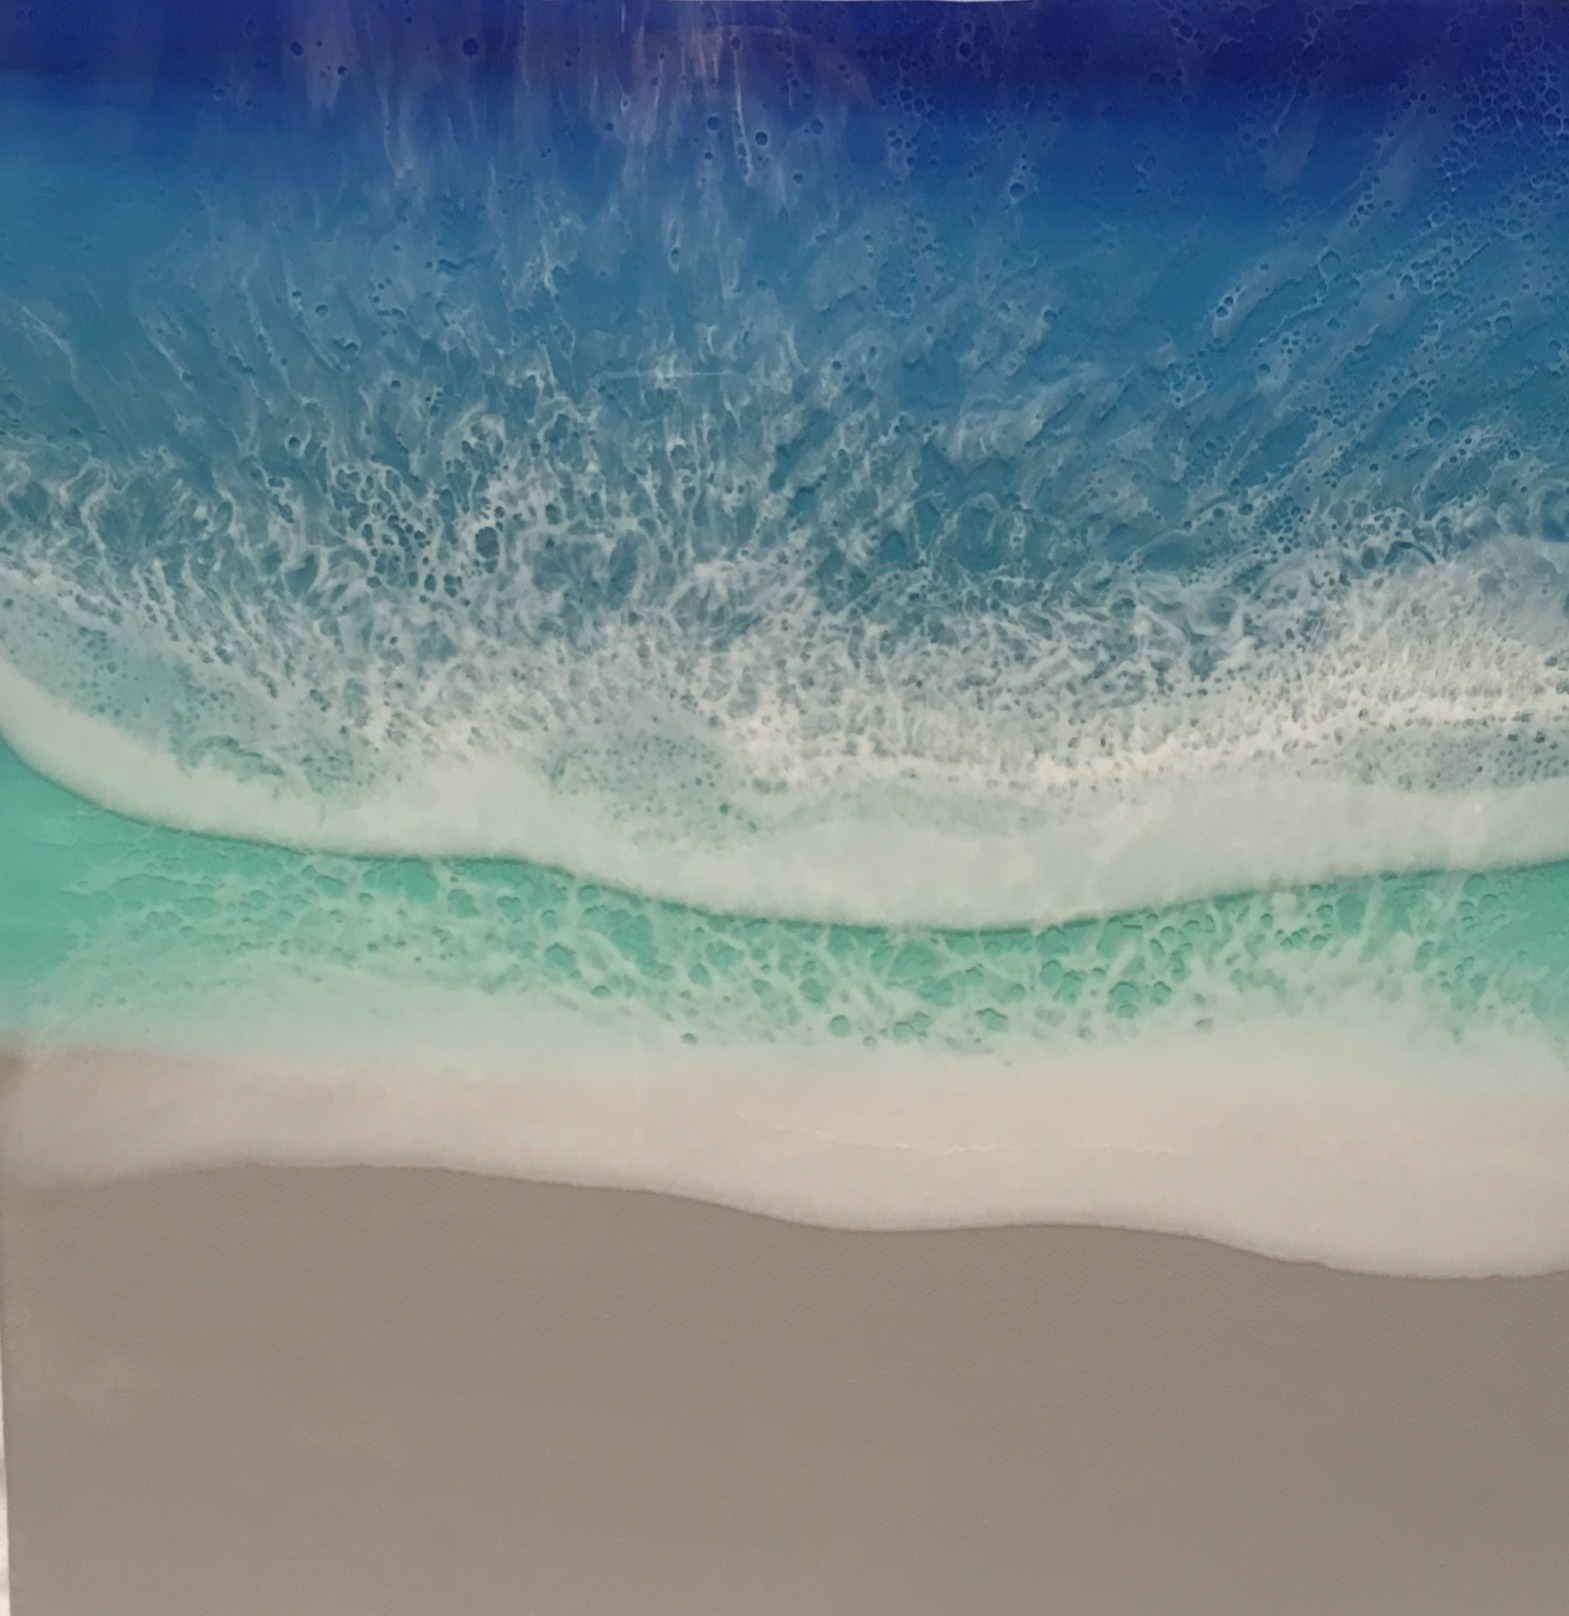 Elegant Ocean Waves